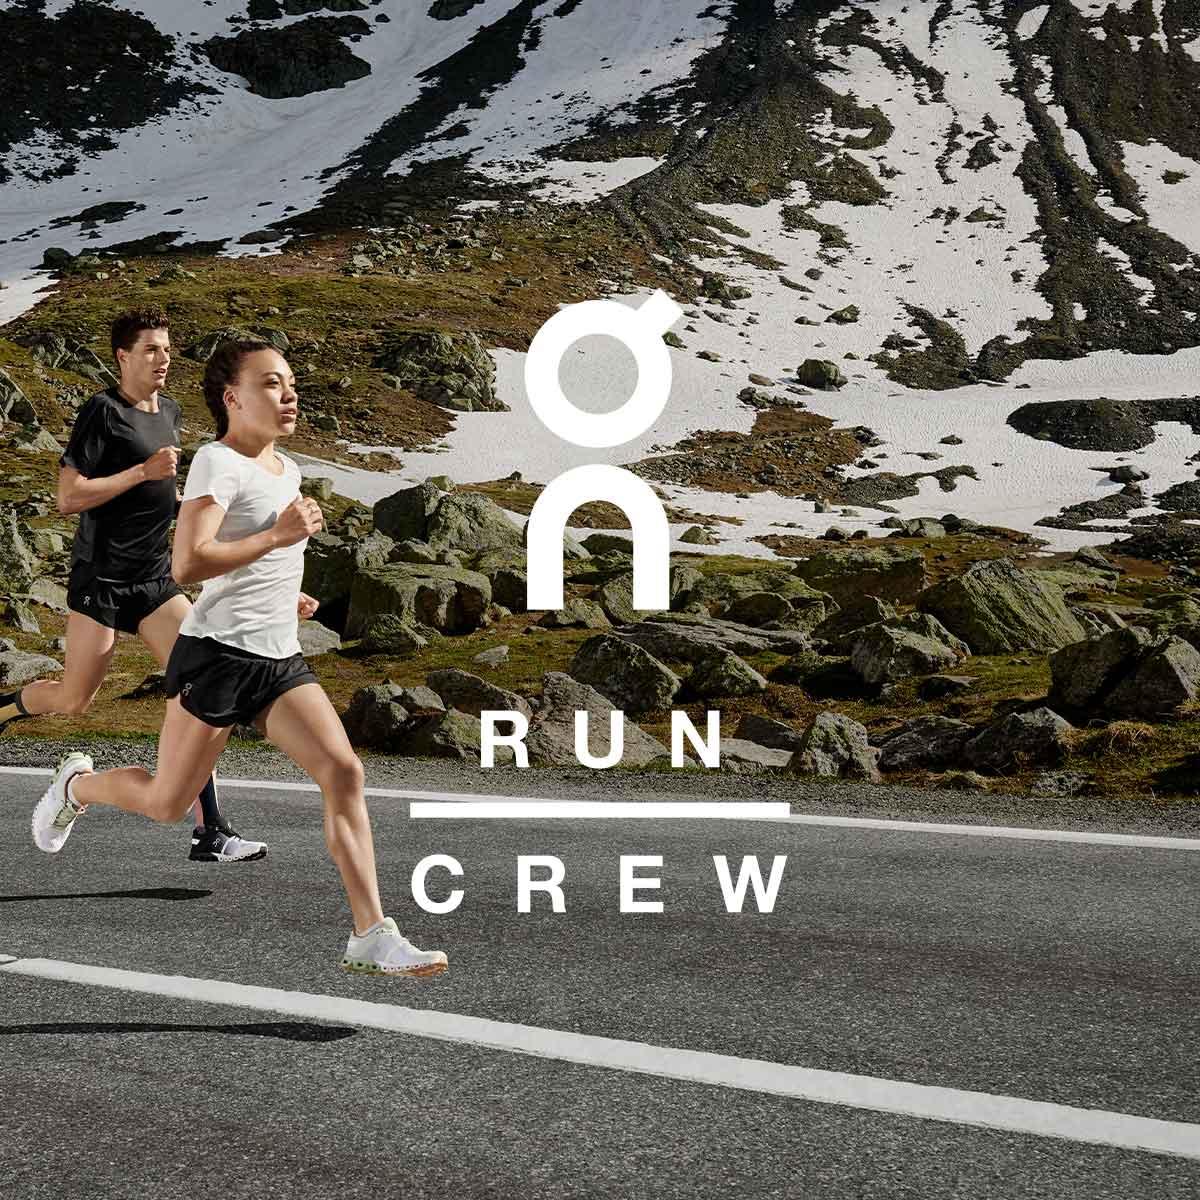 Schliess dich der On Run Crew an und werde ein Running-Botschafter